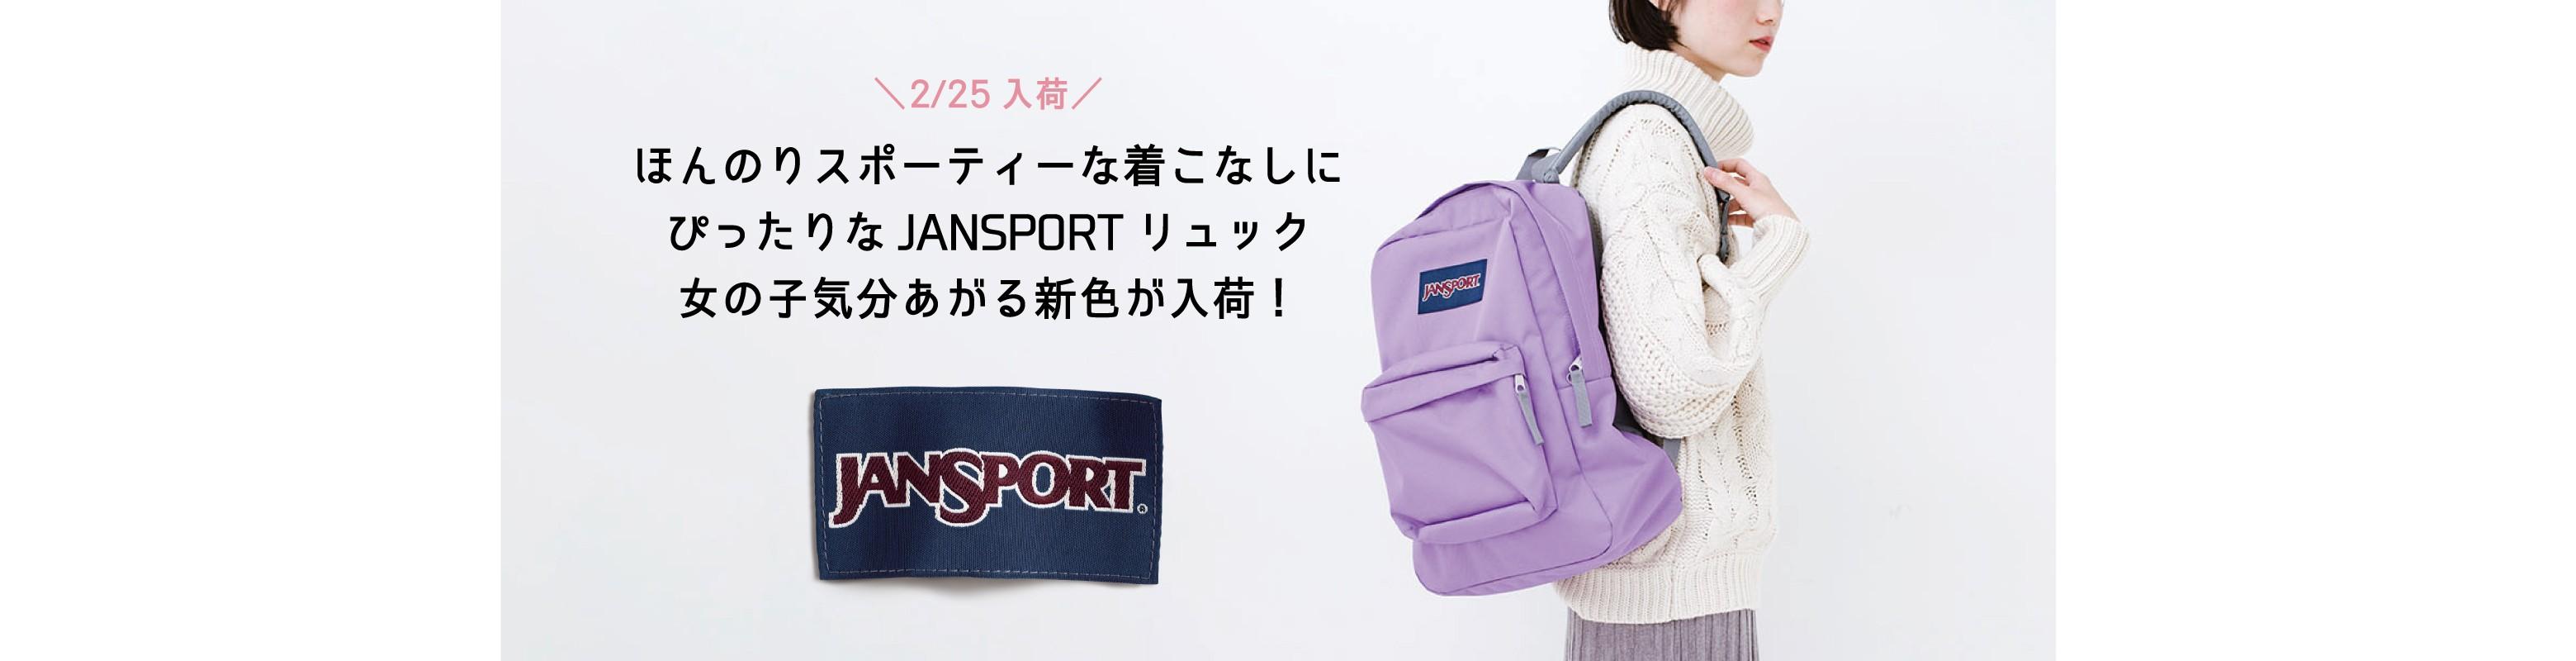 8f036befc 2/25UP/JANSPORT 新色リュック入荷しました! | ファッション通販のhaco!